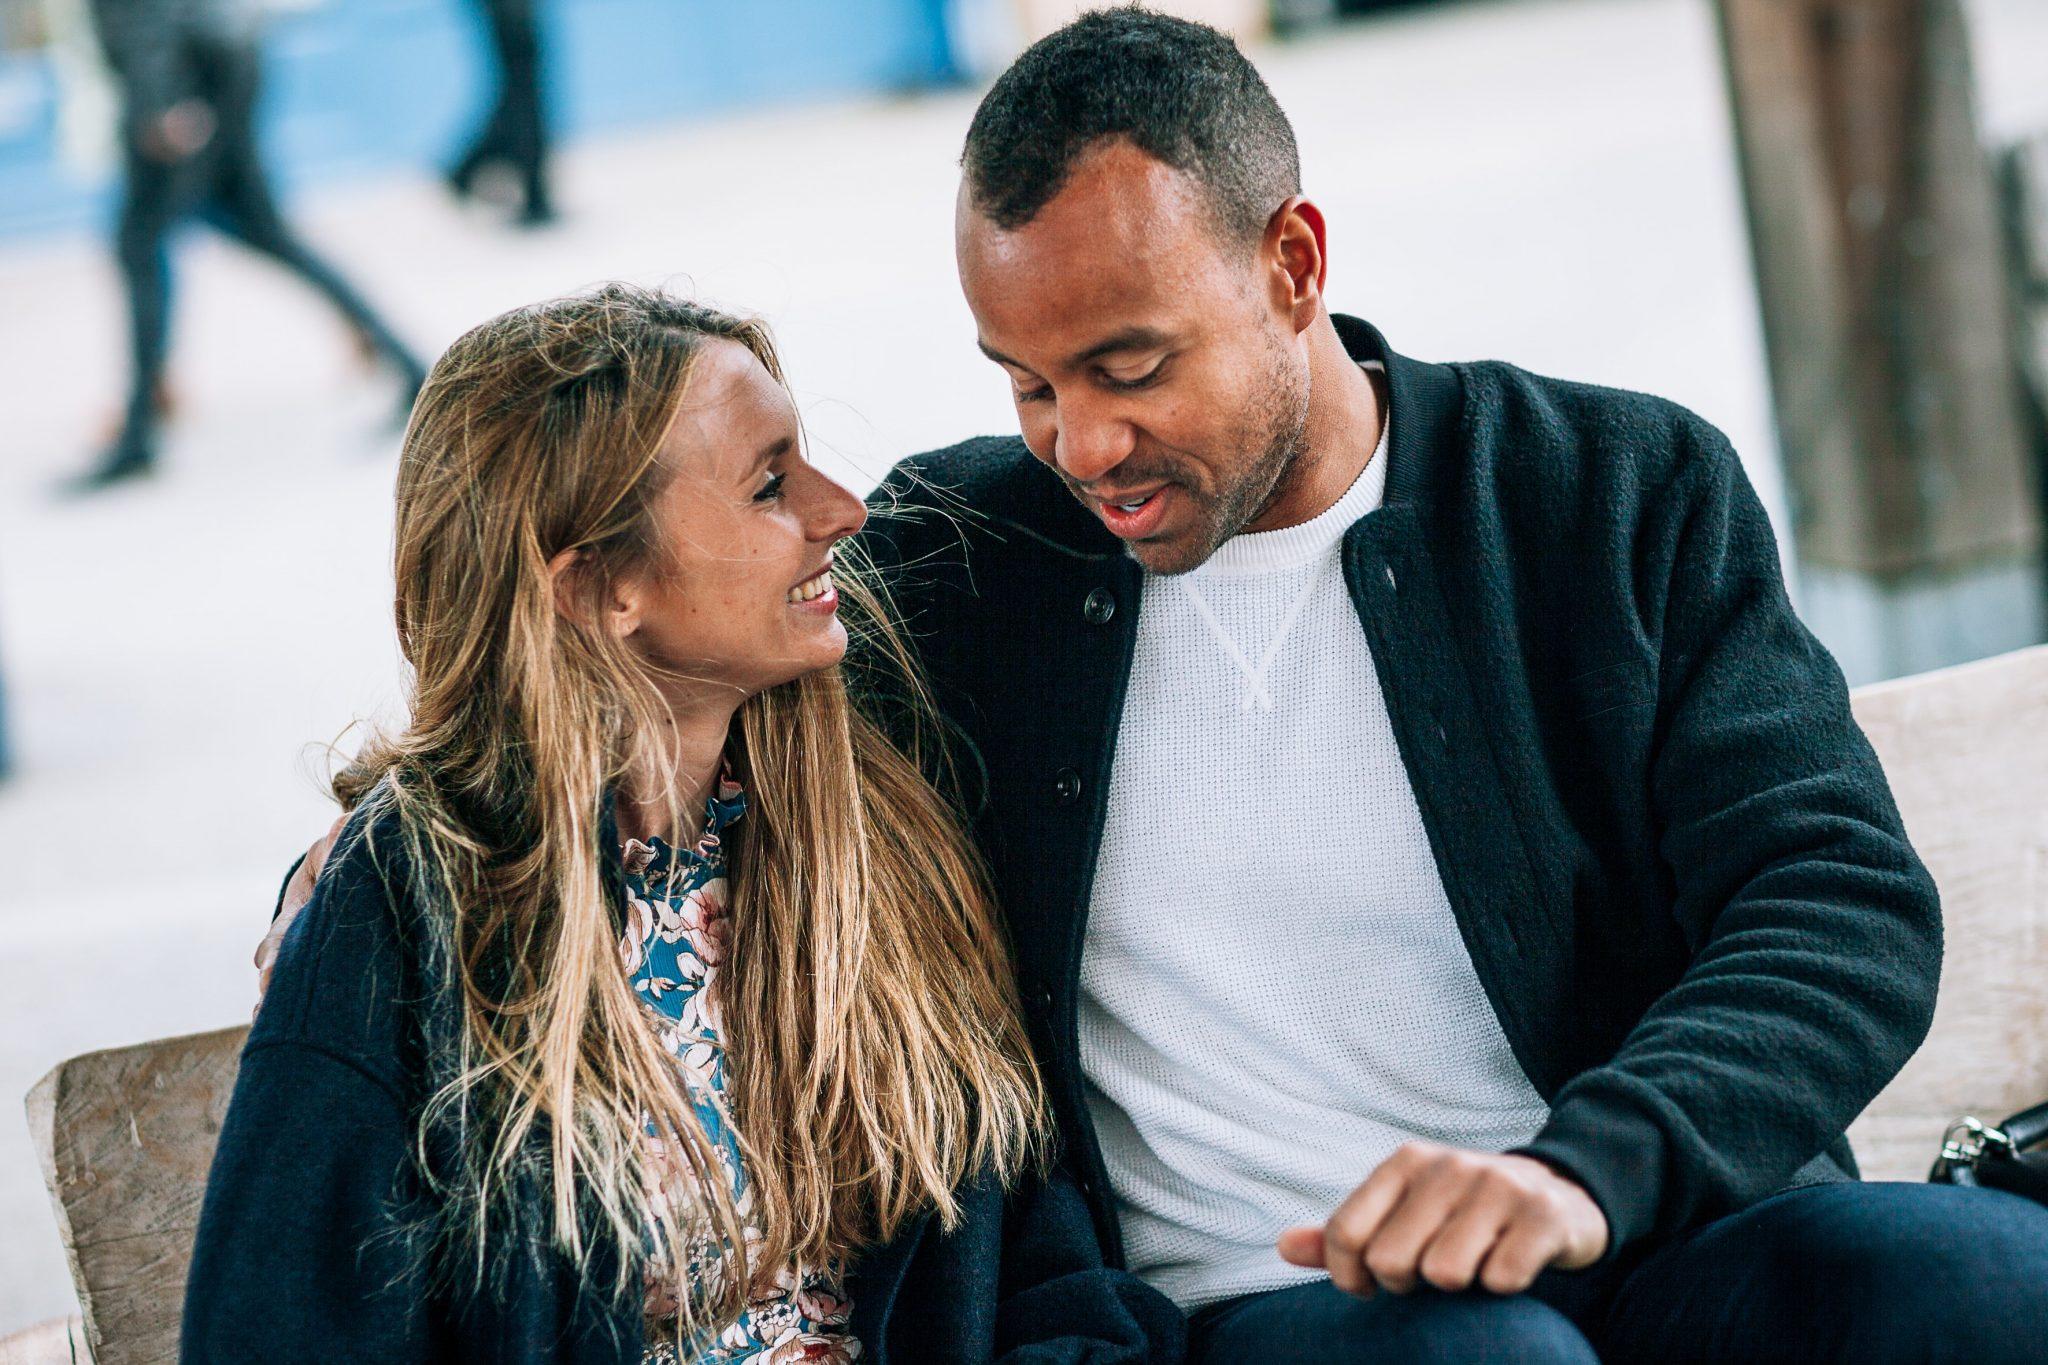 una coppia di fidanzati mentre parlano seduti su una panchina